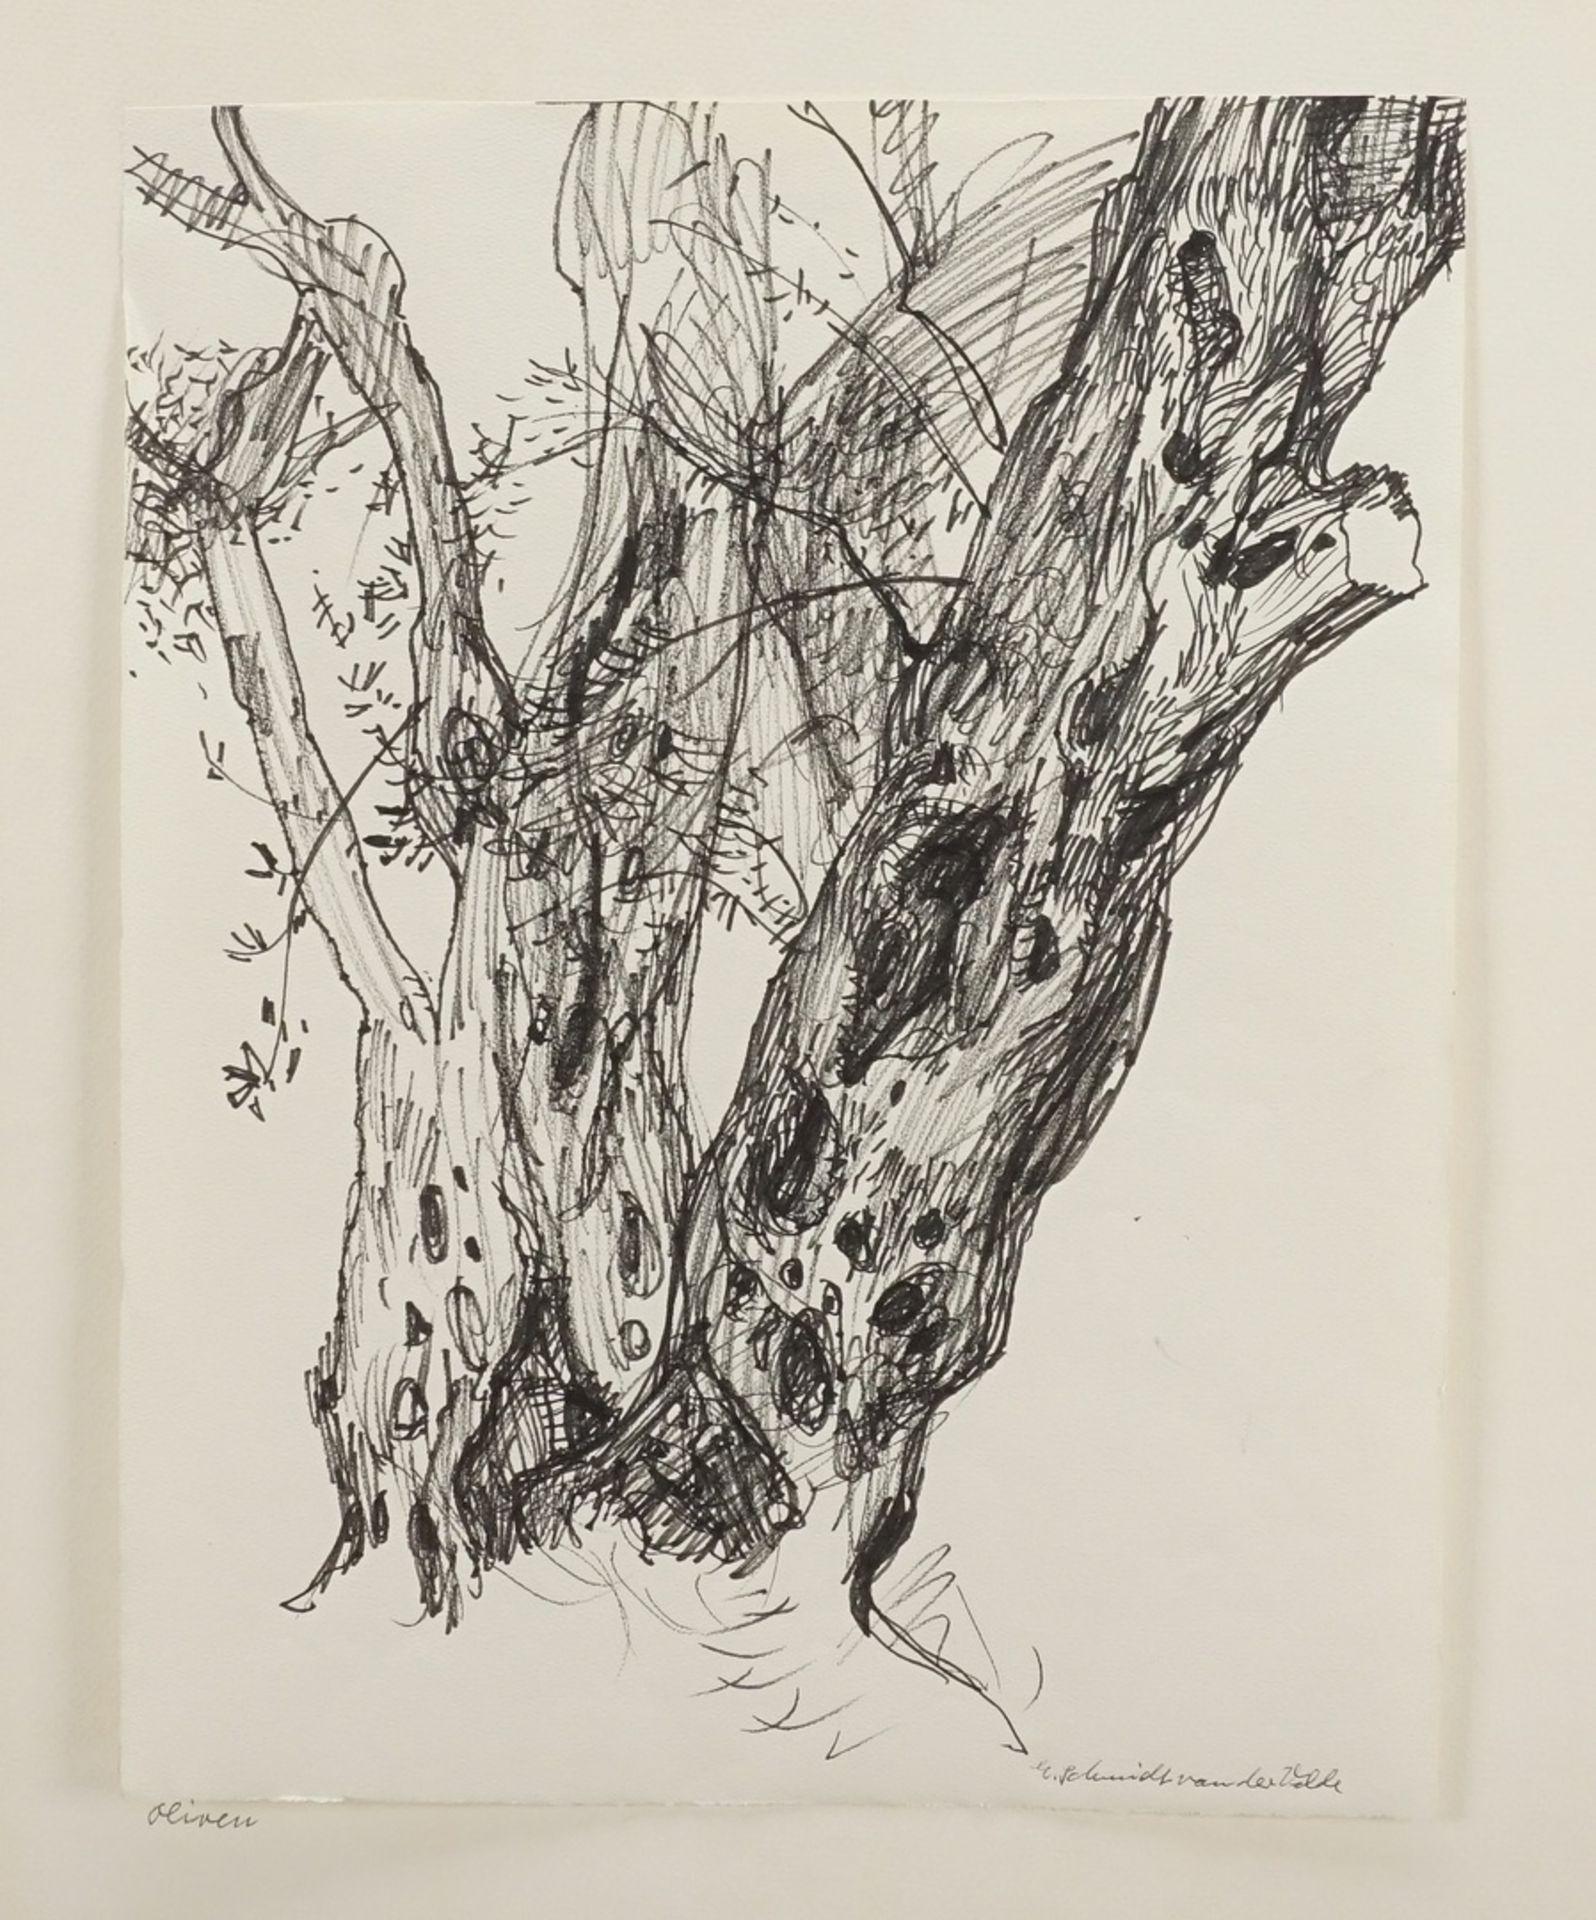 """Else Schmidt van der Velde, """"Alter Baum"""" - Bild 3 aus 4"""